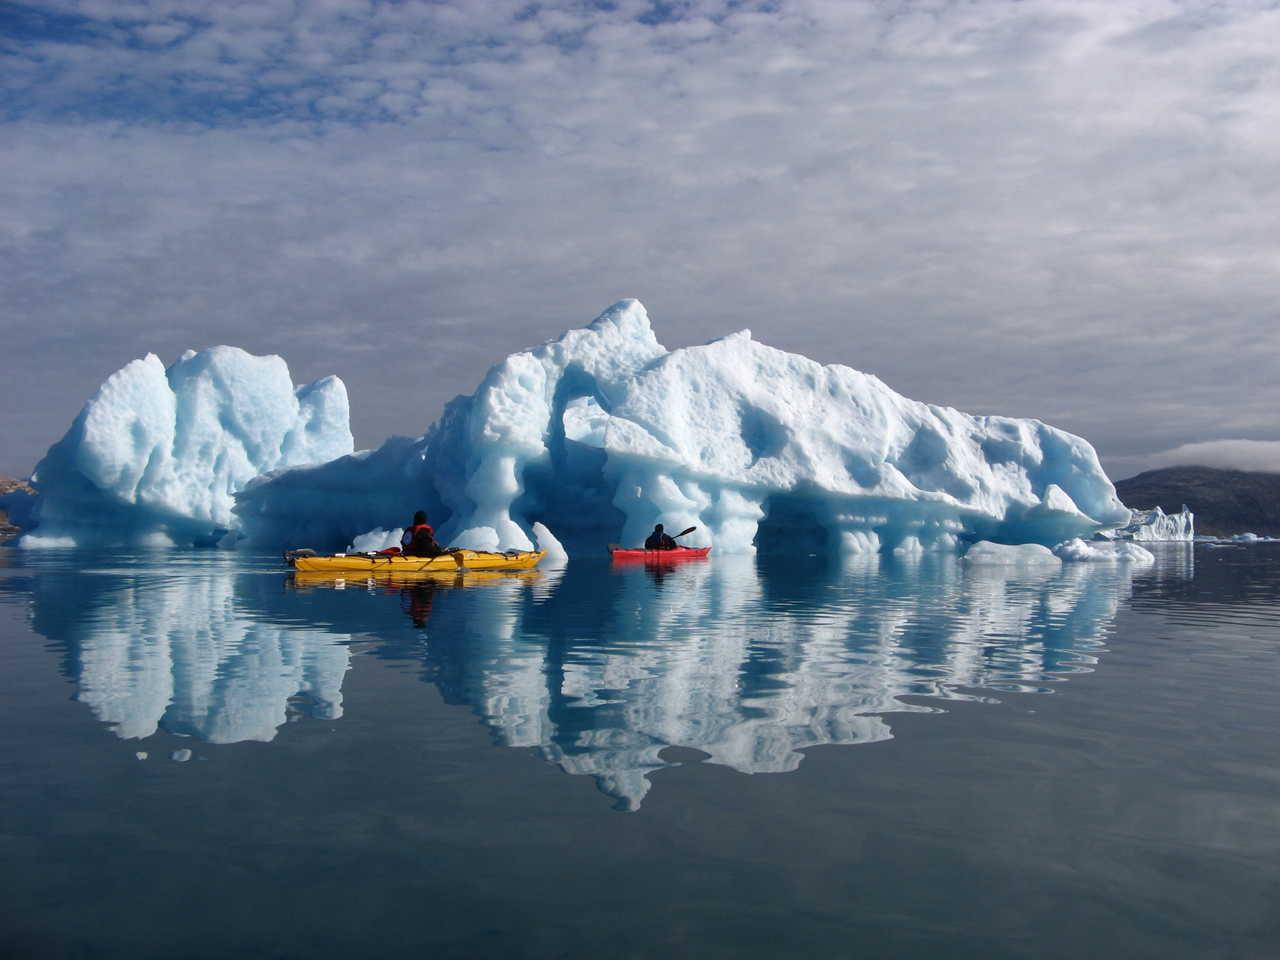 Vacances en kayak au Groenland